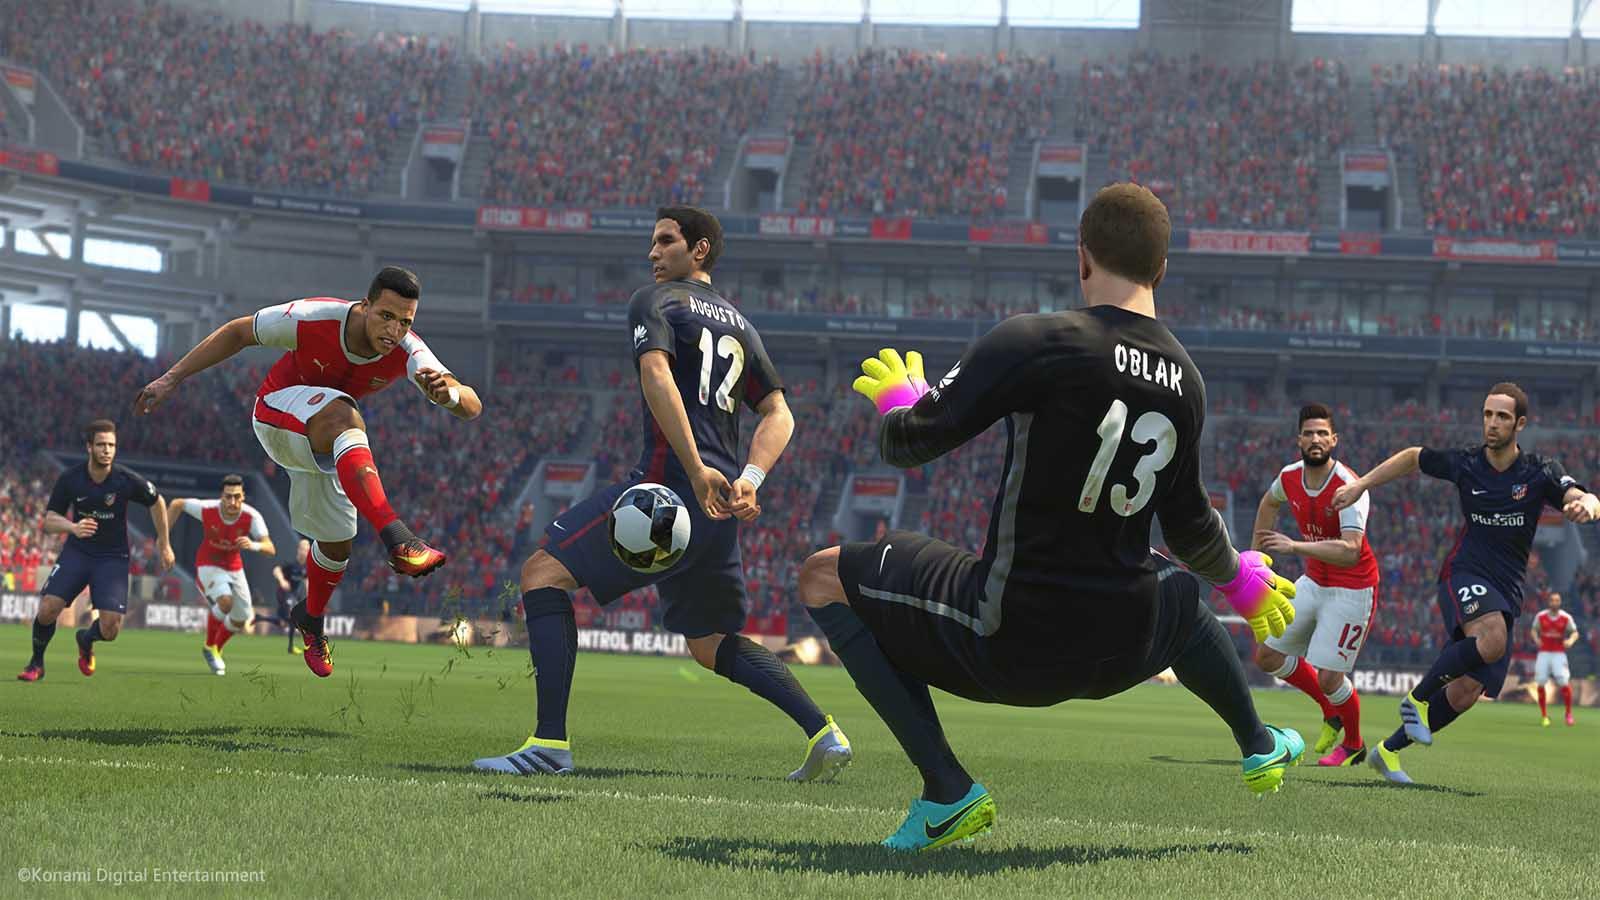 تحميل لعبة PES 2017 مضغوطة كاملة بروابط مباشرة مجانا